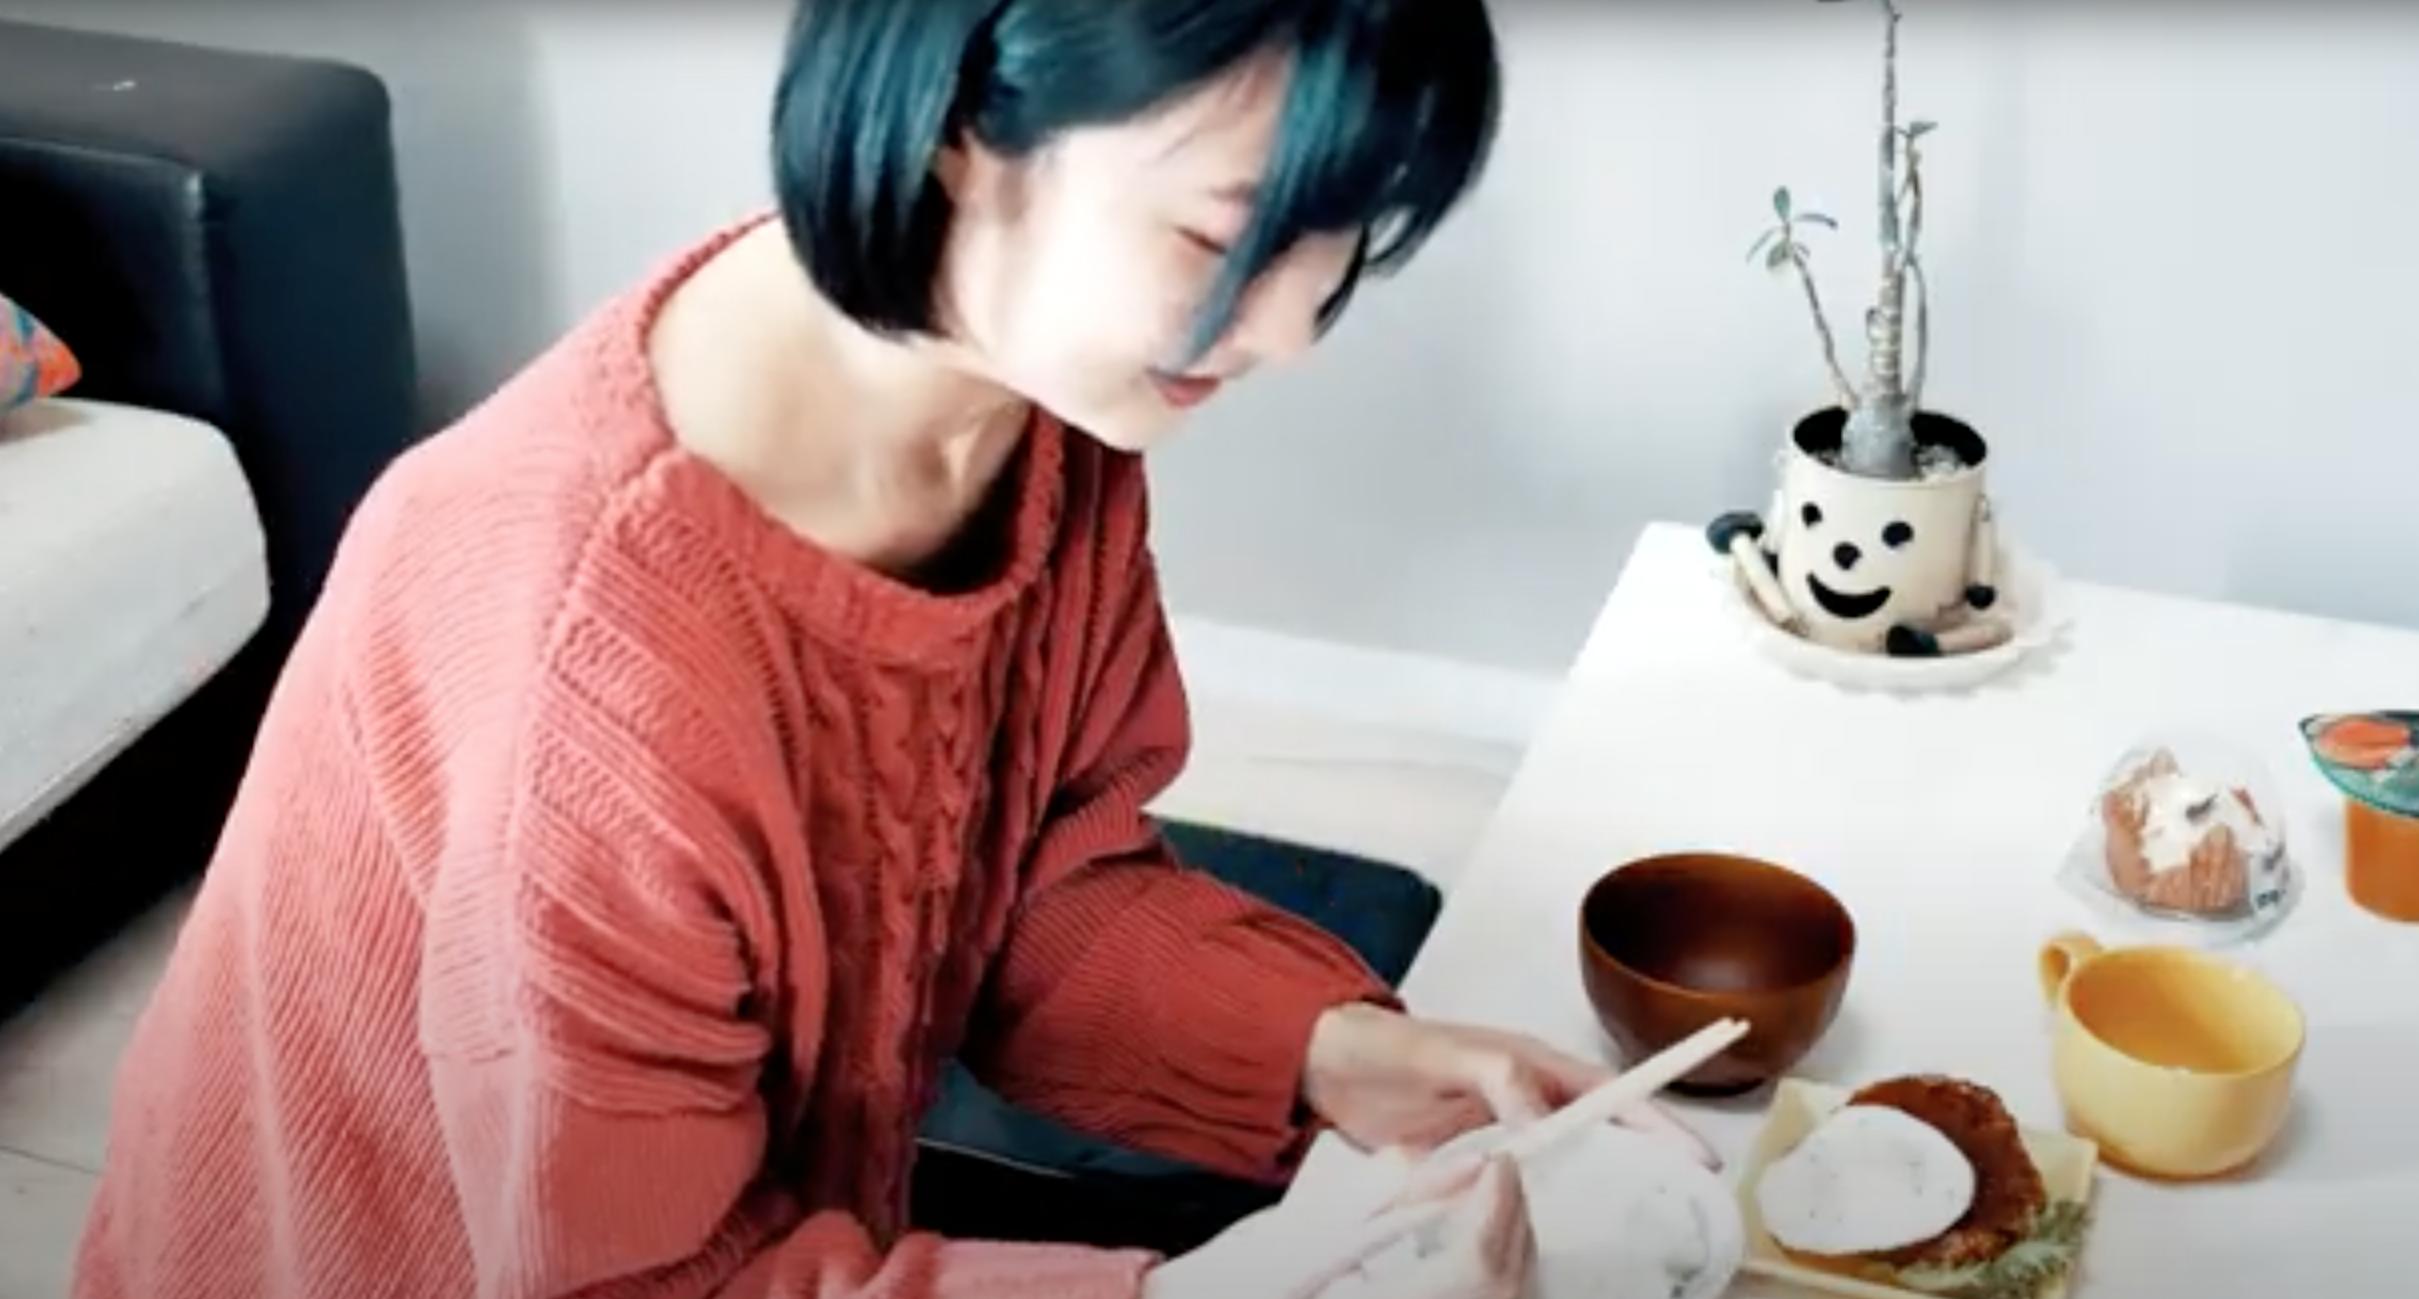 新年!若狭塗箸お取替えキャンペーンPR動画「この心(ばしょ)にあったもの」(full ver.)